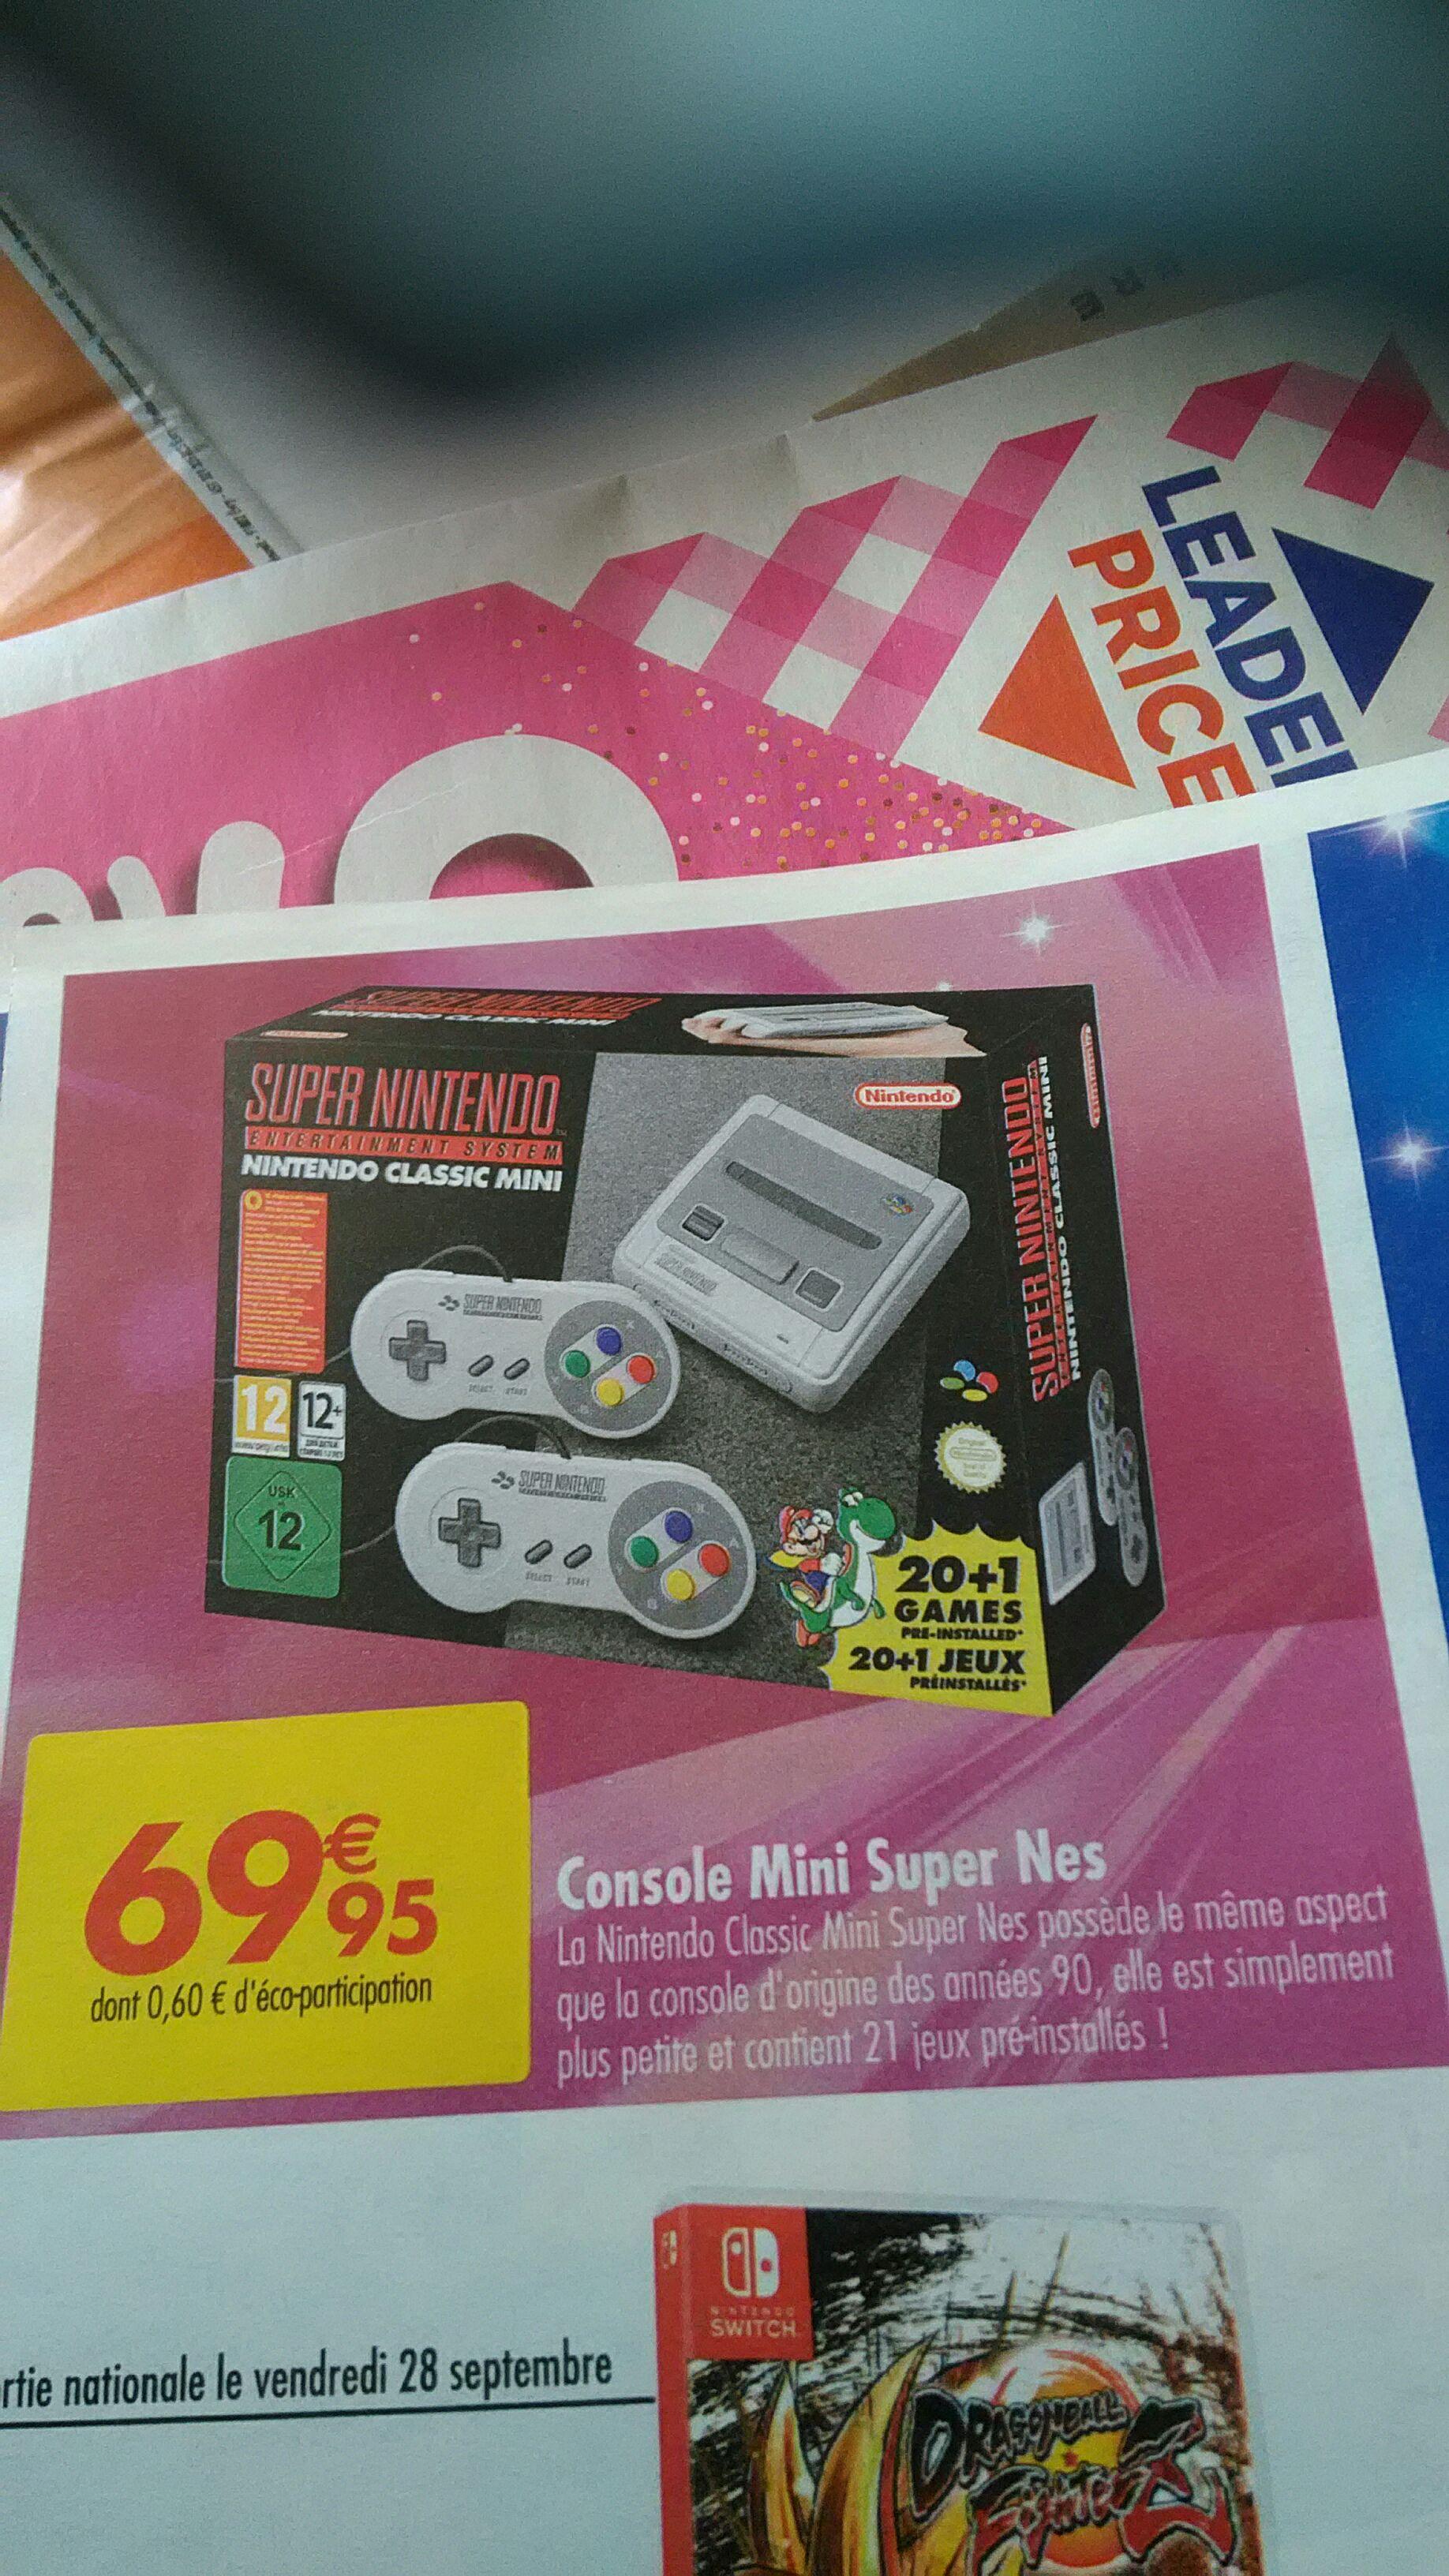 Console Nintendo Classic Mini SNES